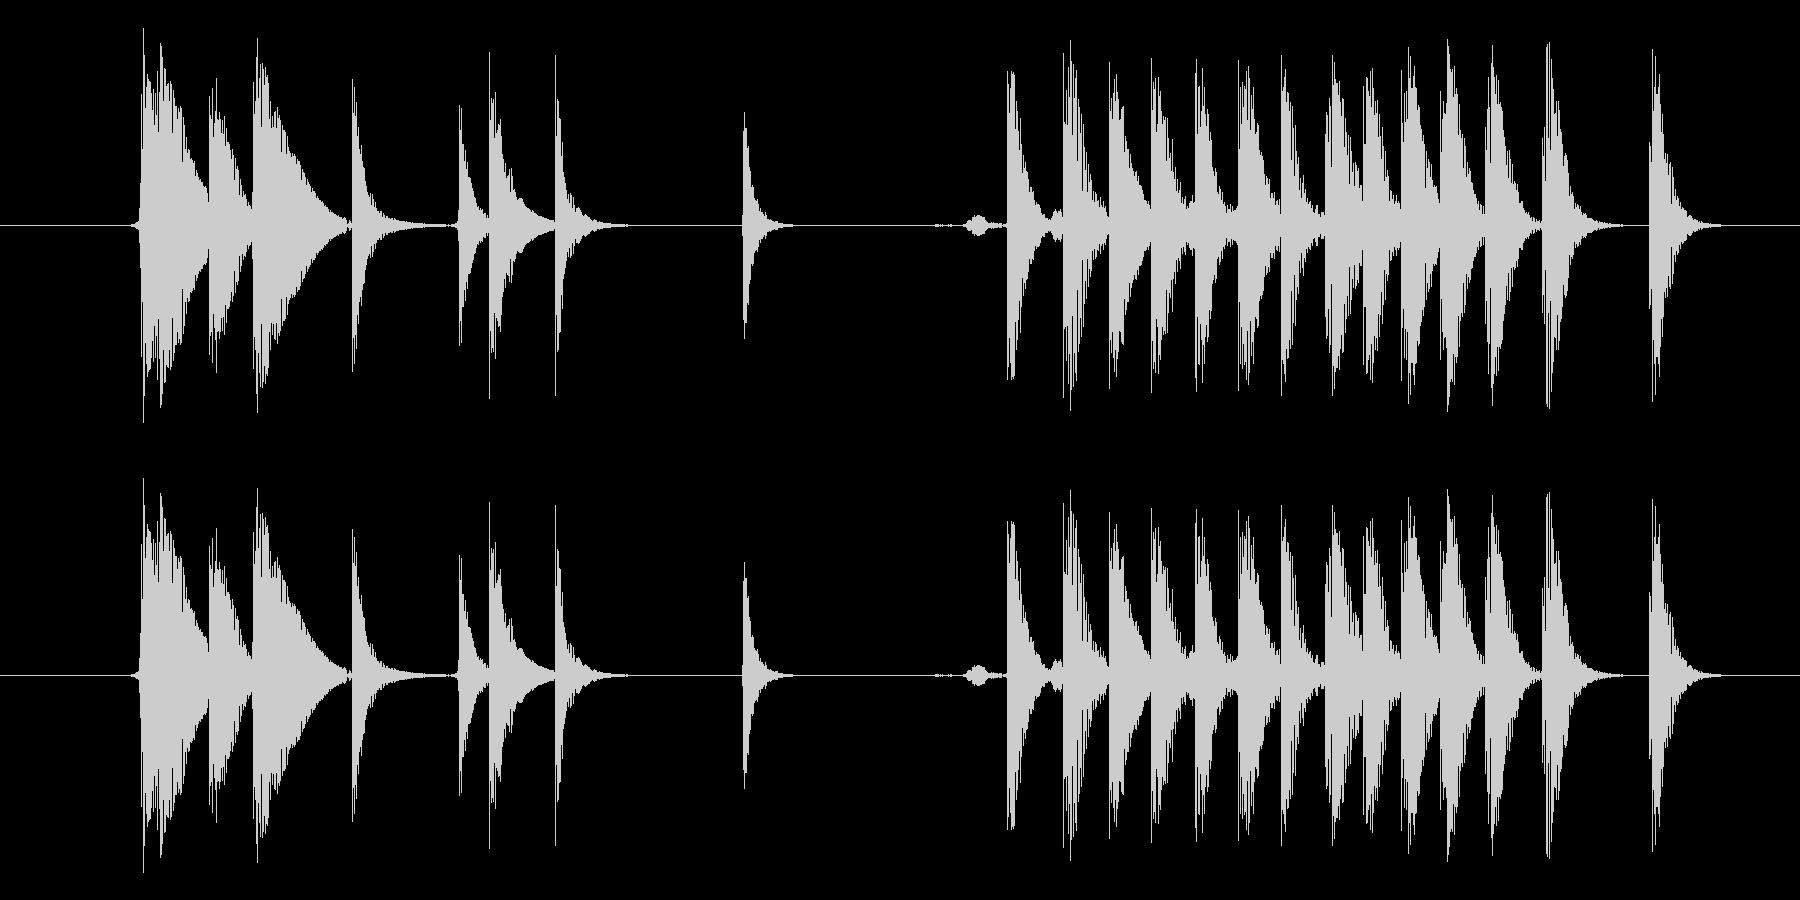 モンスター げっぷ02の未再生の波形